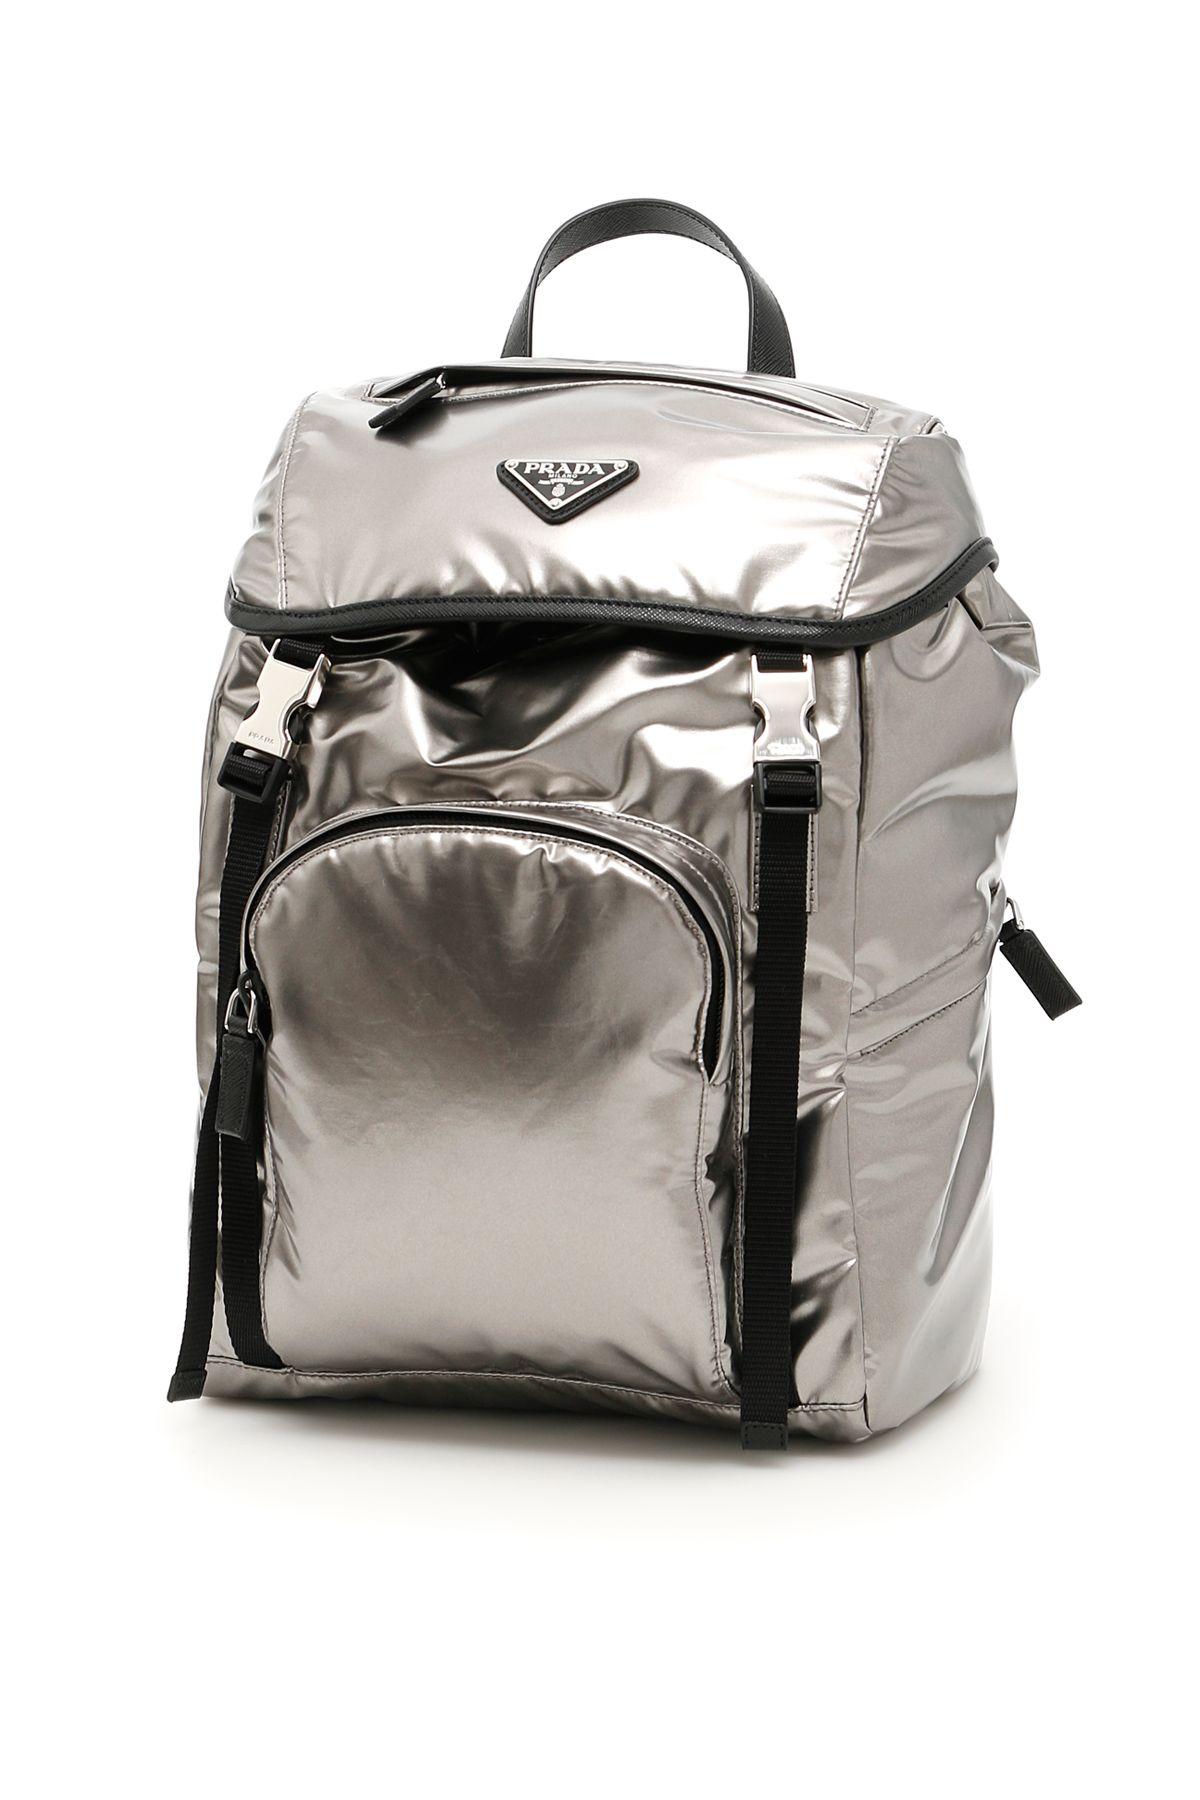 a16320d3ec Shop Prada Metallic Nylon Backpack In Ferro Nero